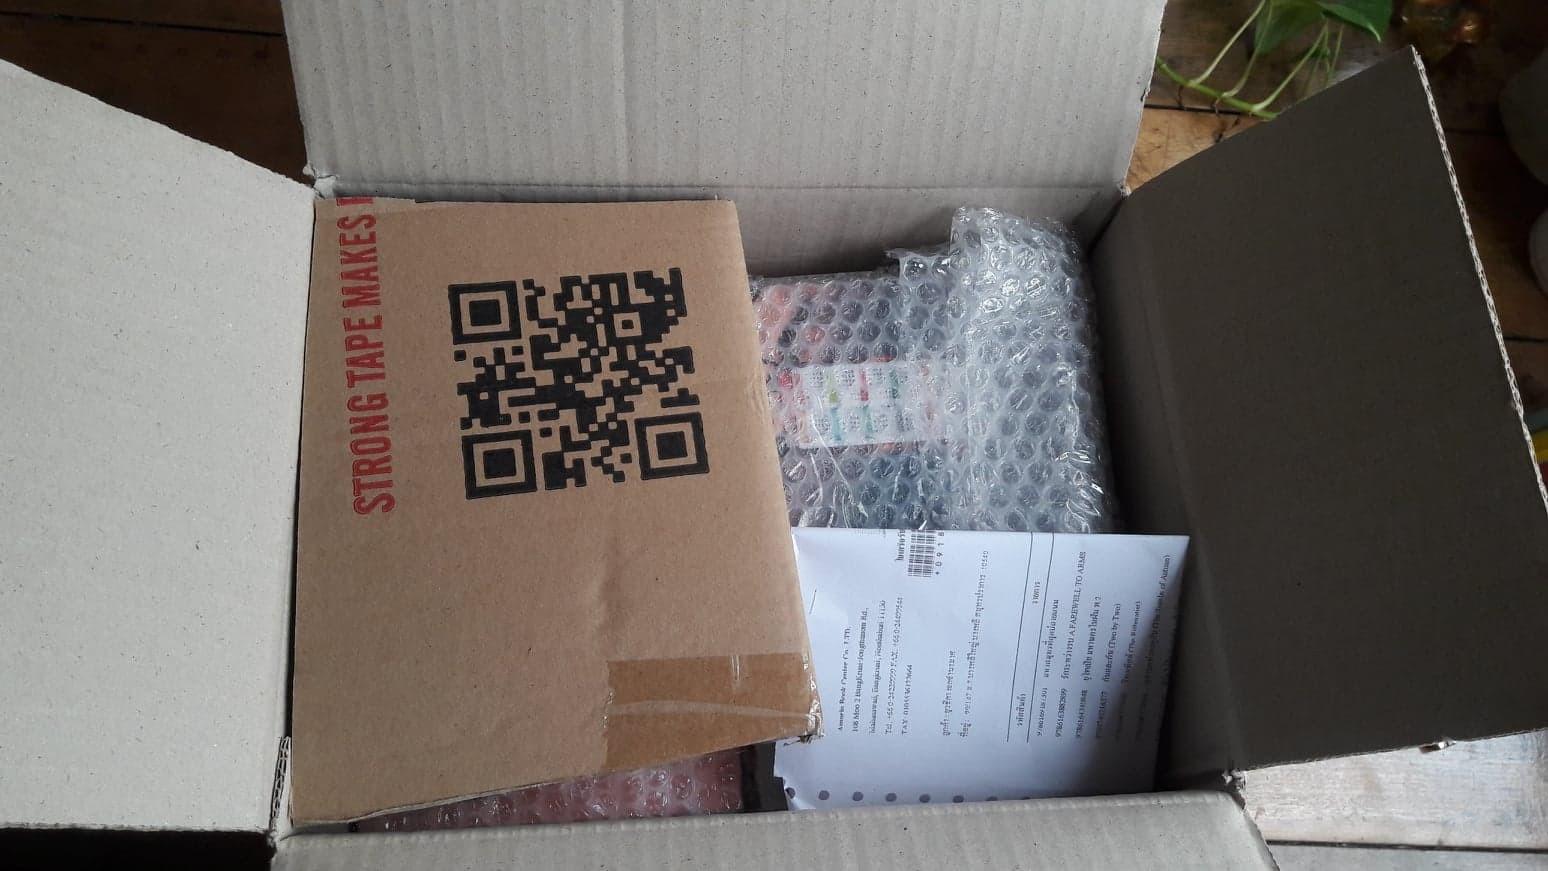 เปิดกล่องออกมาเจอกระดาษลังยัดไว้ข้างๆด้วยเพราะหนังสือไม่เต็มกล่อง คงใส่ให้หนังสือไม่กลิ้ง